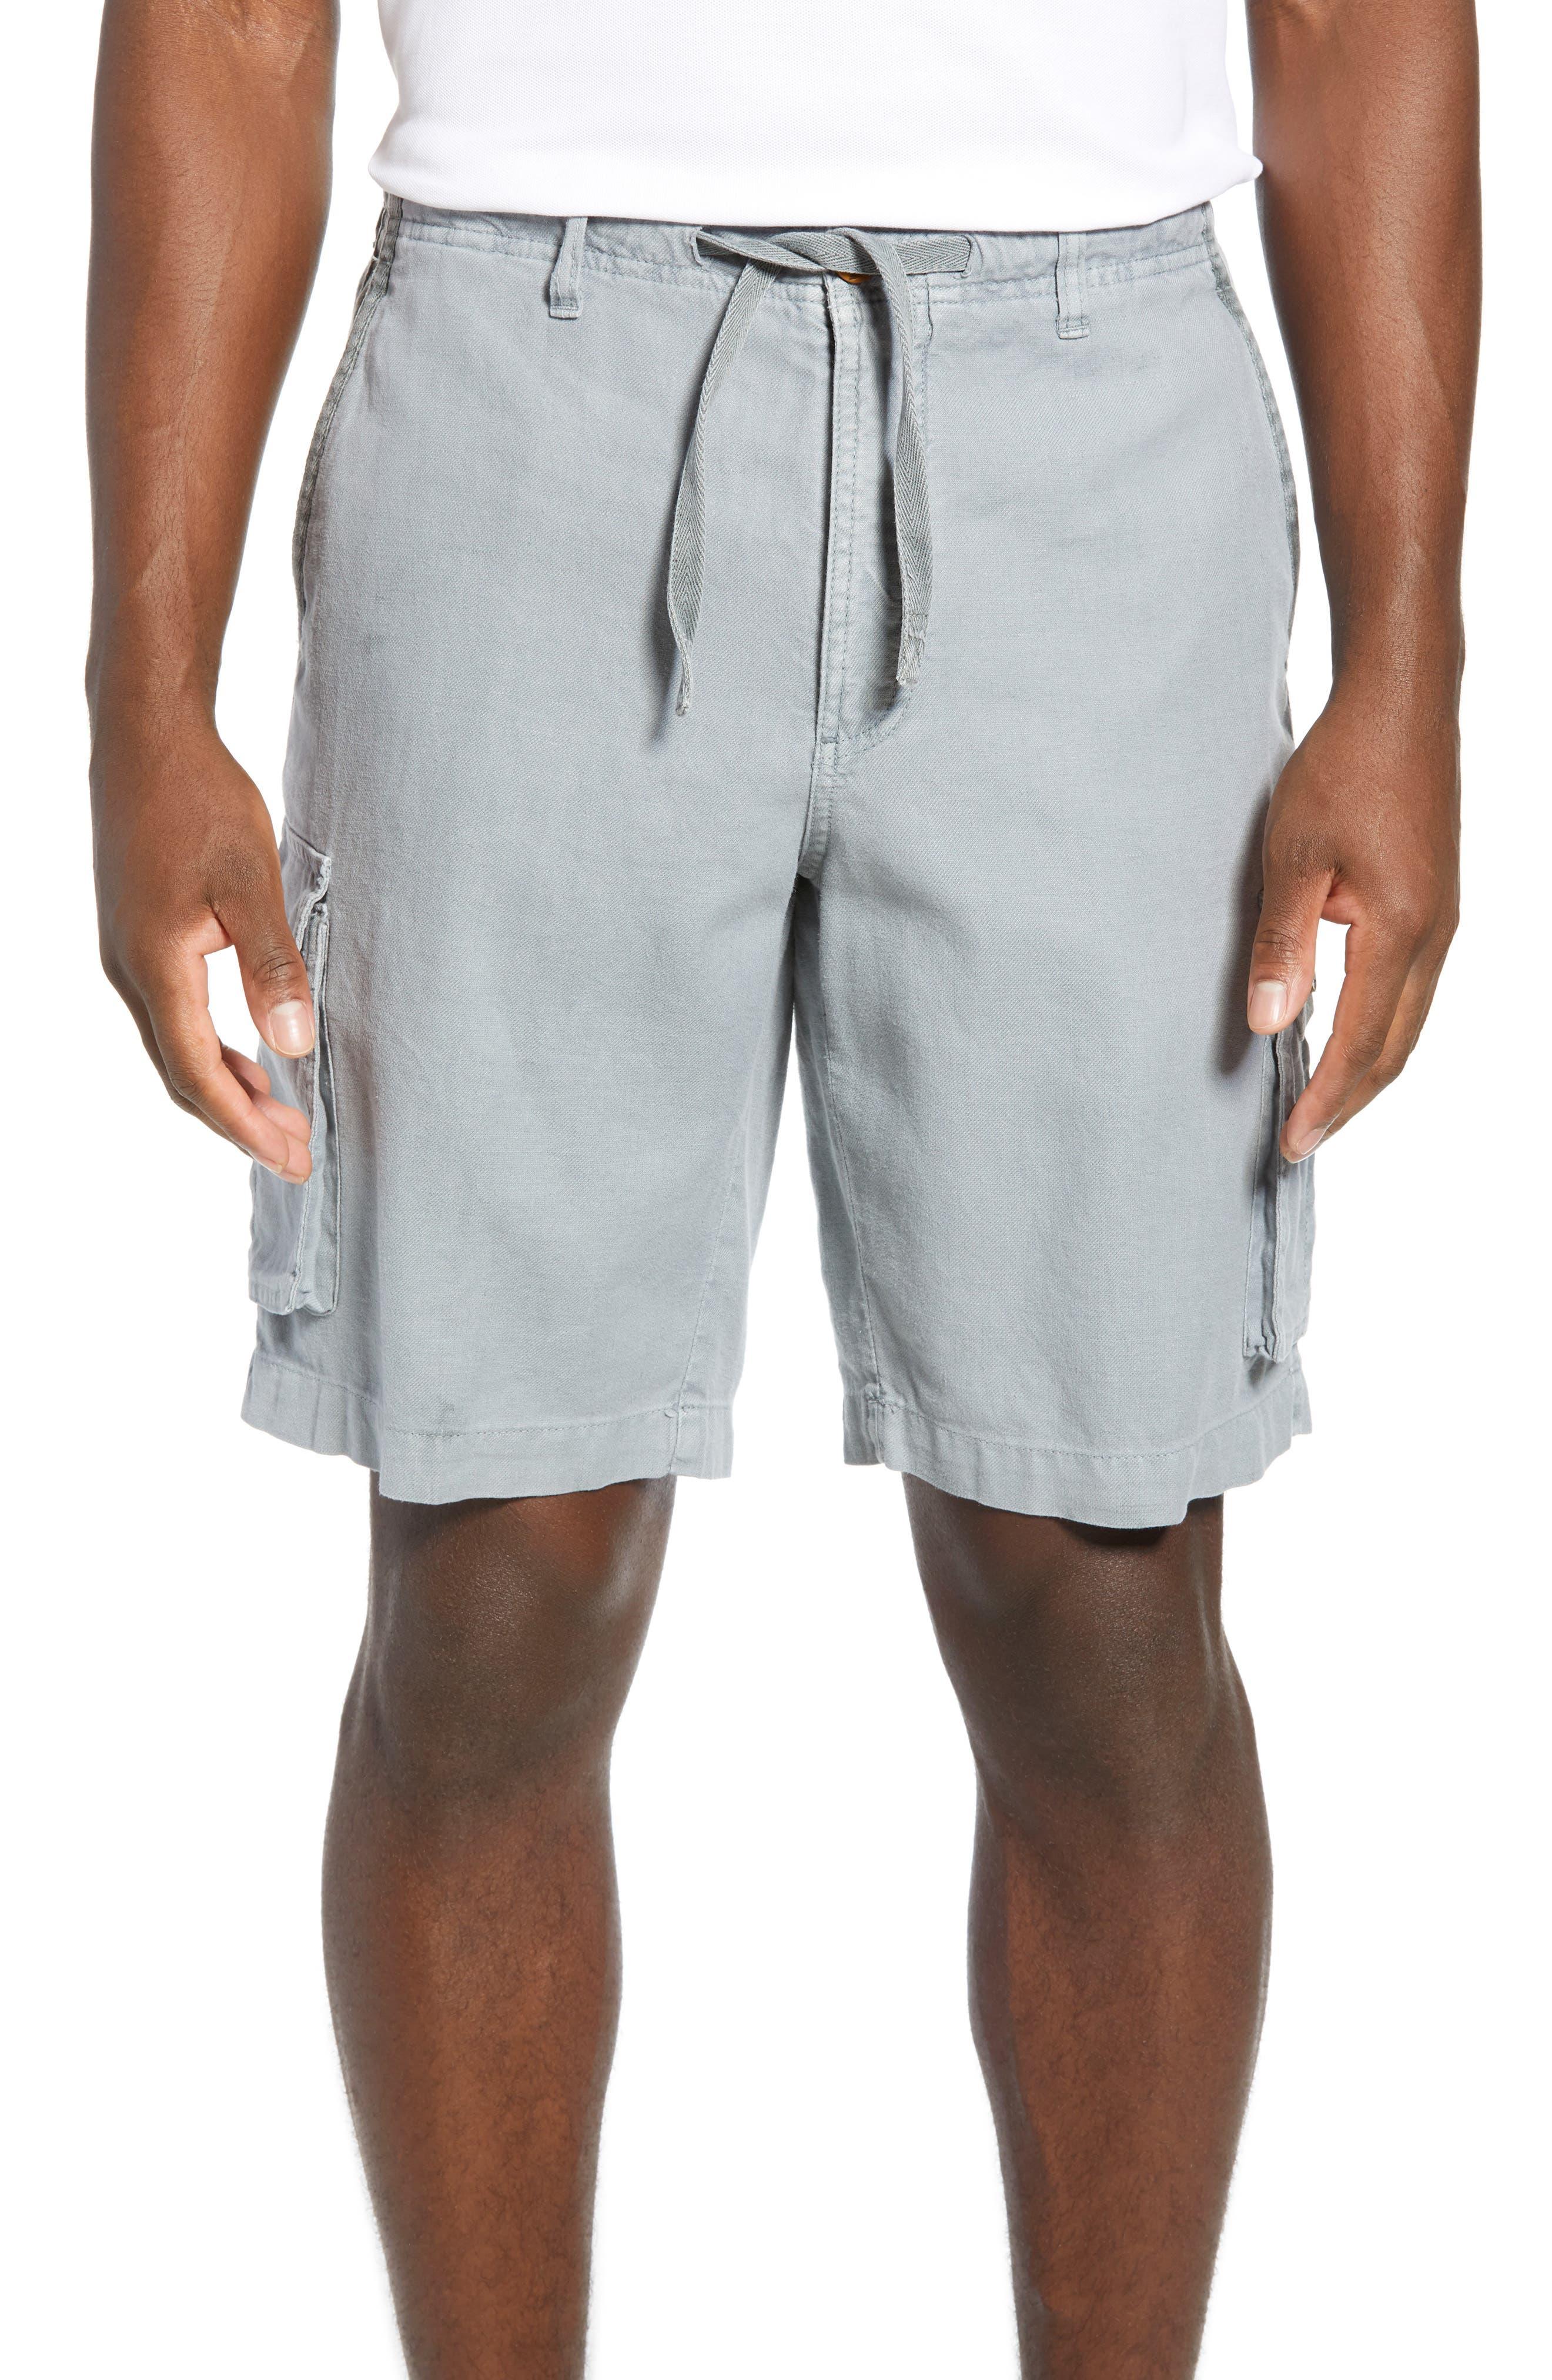 Tommy Bahama Soleil Beach Cargo Shorts, Grey